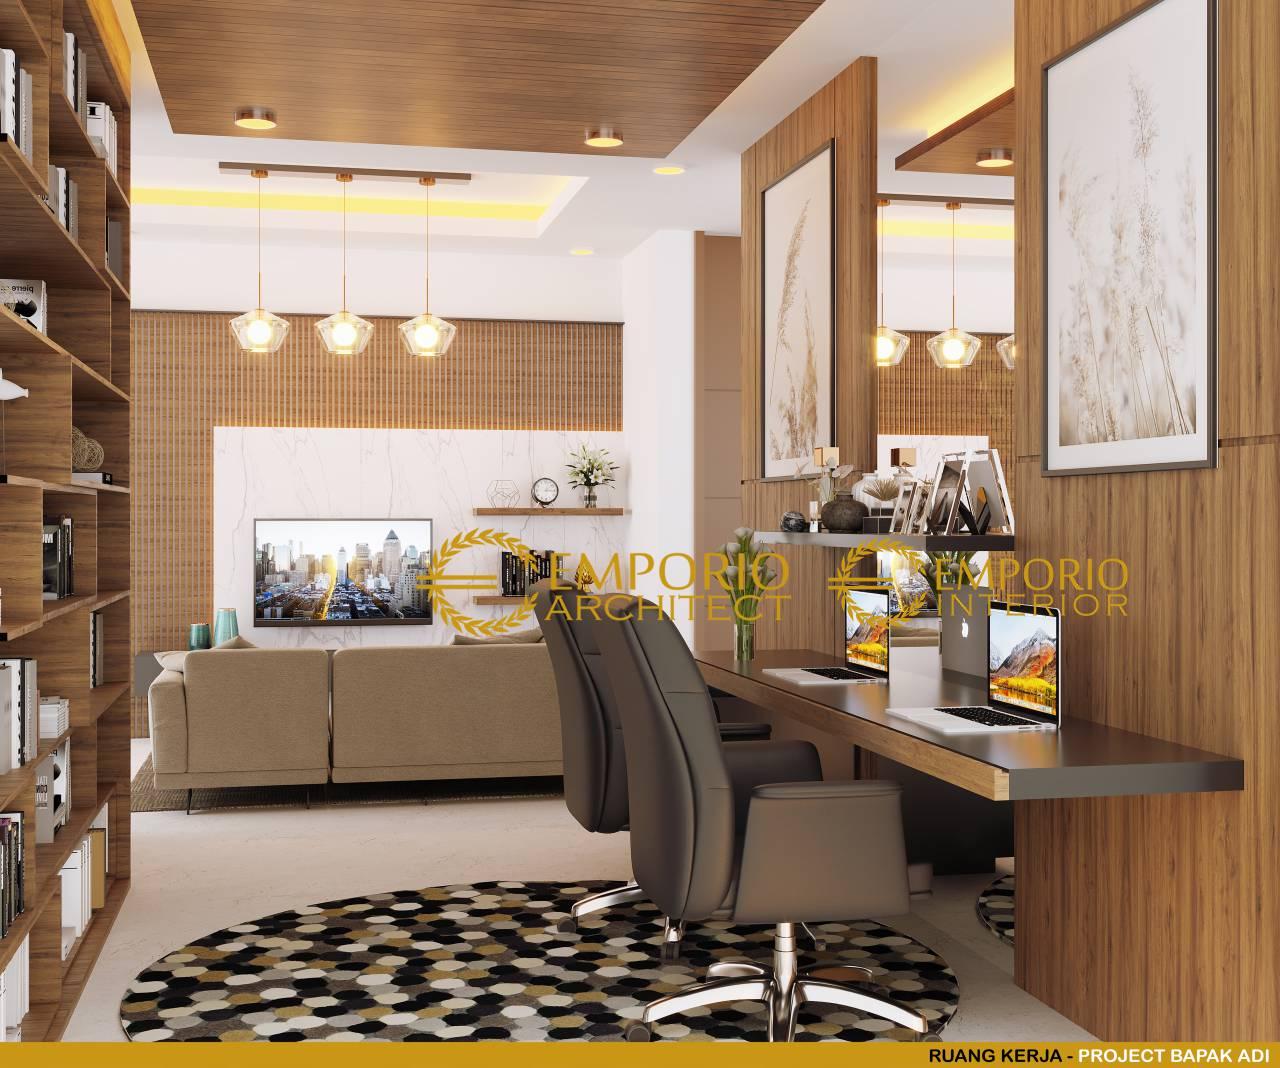 5 Inspirasi Desain Interior Ruang Kerja Pribadi Untuk 2 Orang Di Rumah